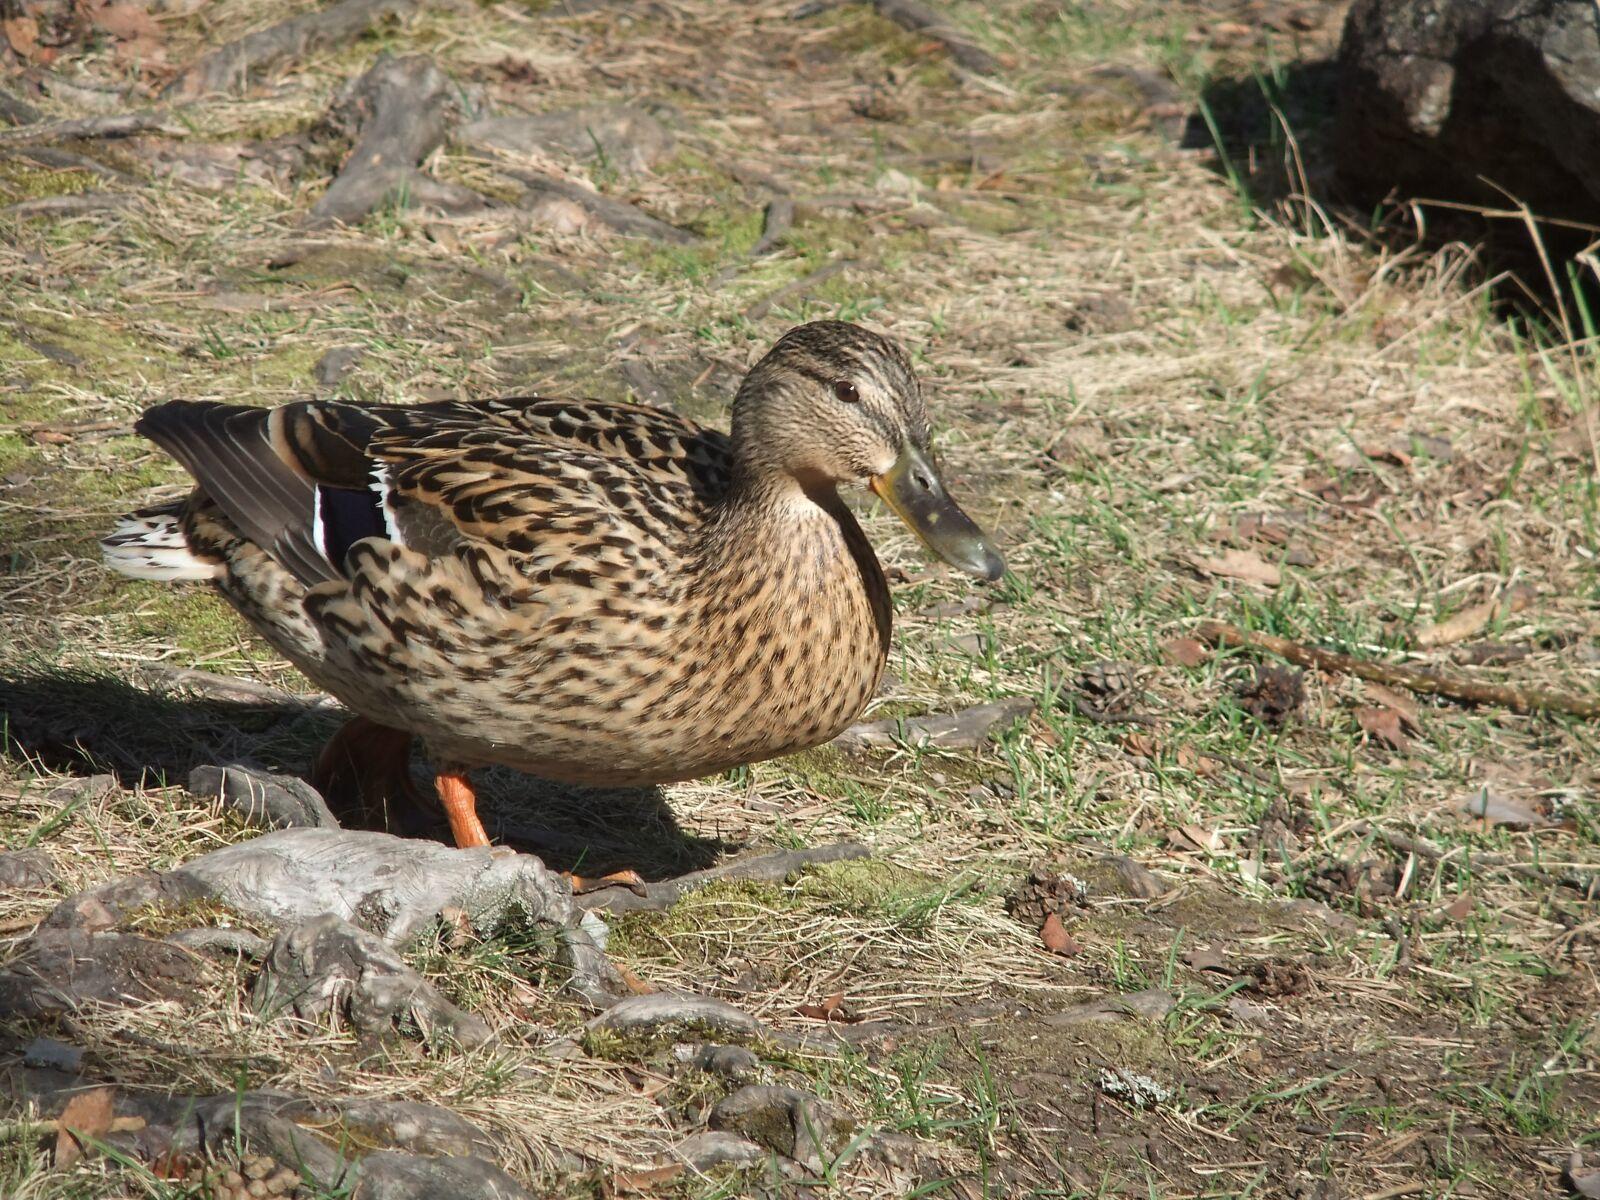 duck, earth, grass